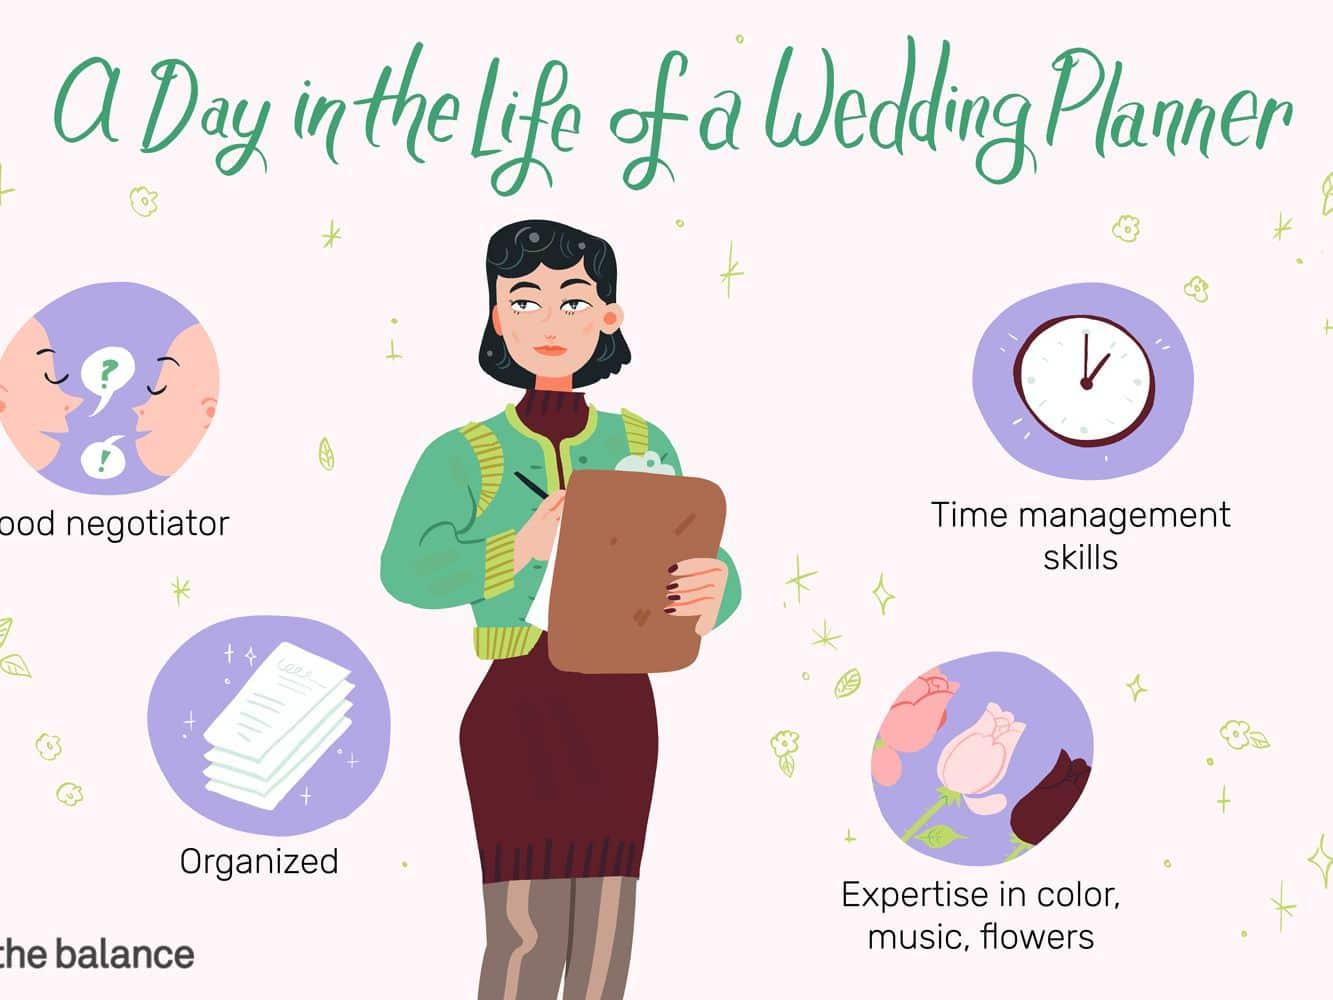 wedding-planner-job-responsibilities